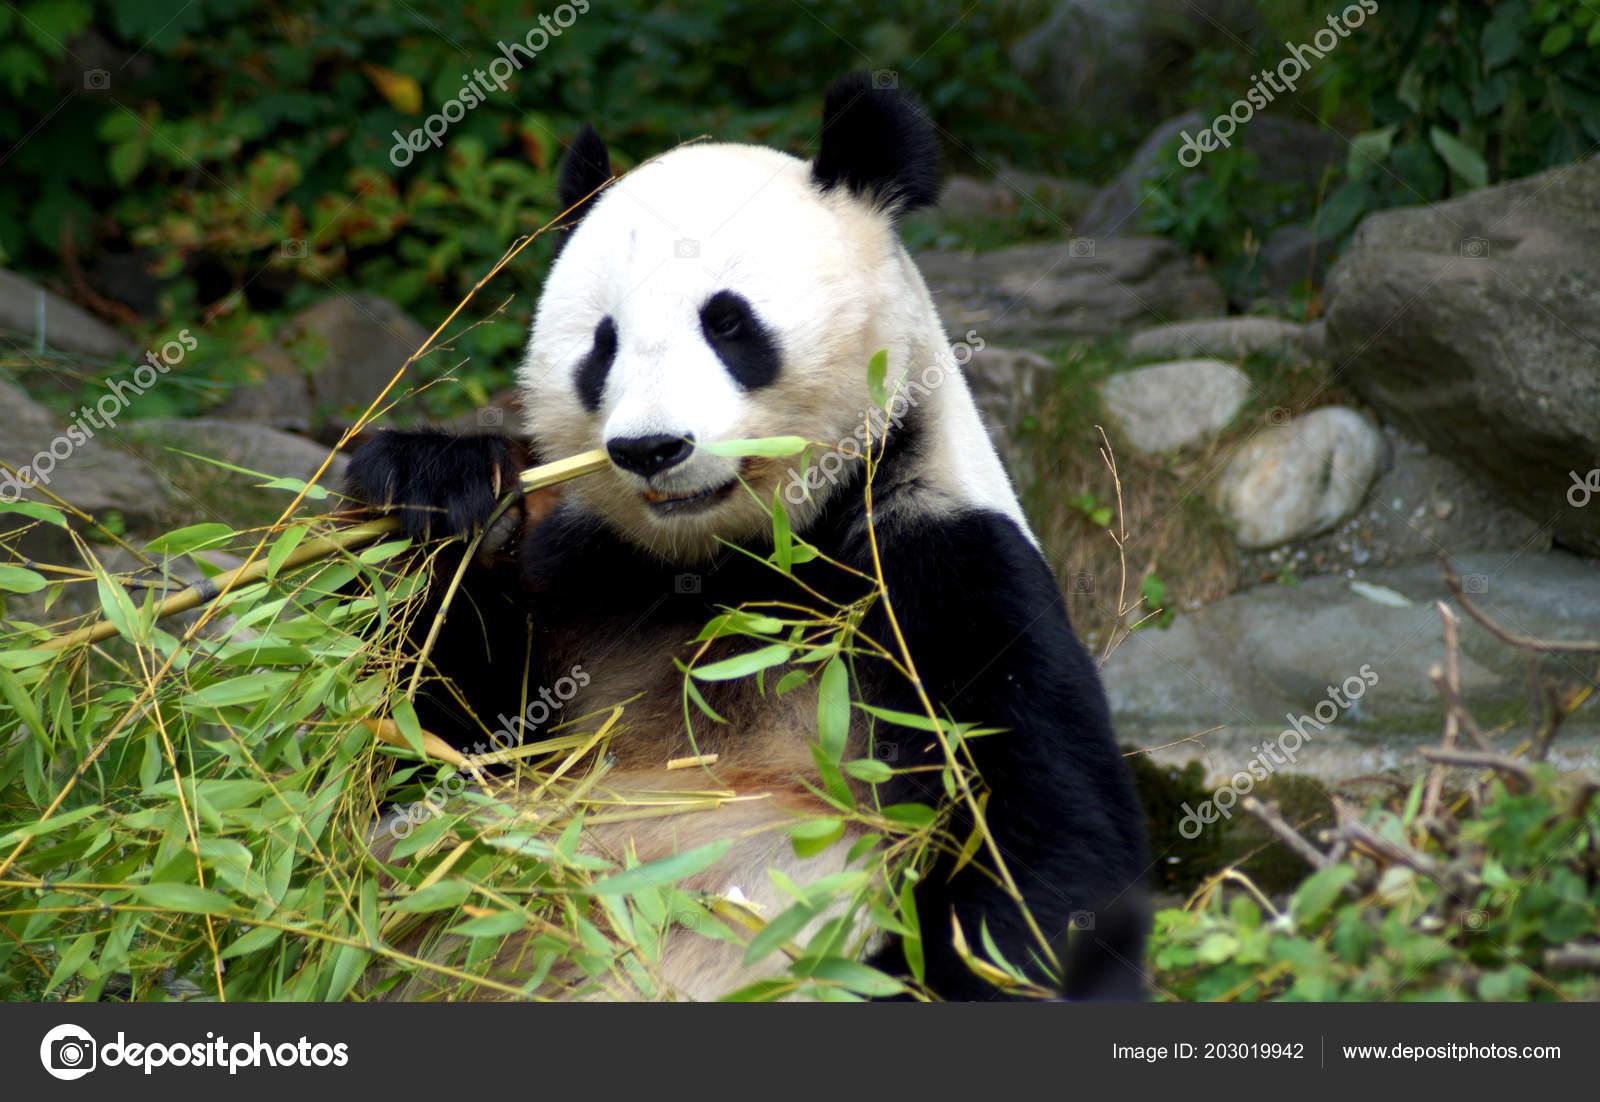 Groer Pandabr Beim Bambus Essen Stock Photo C Spiderwoman81 203019942